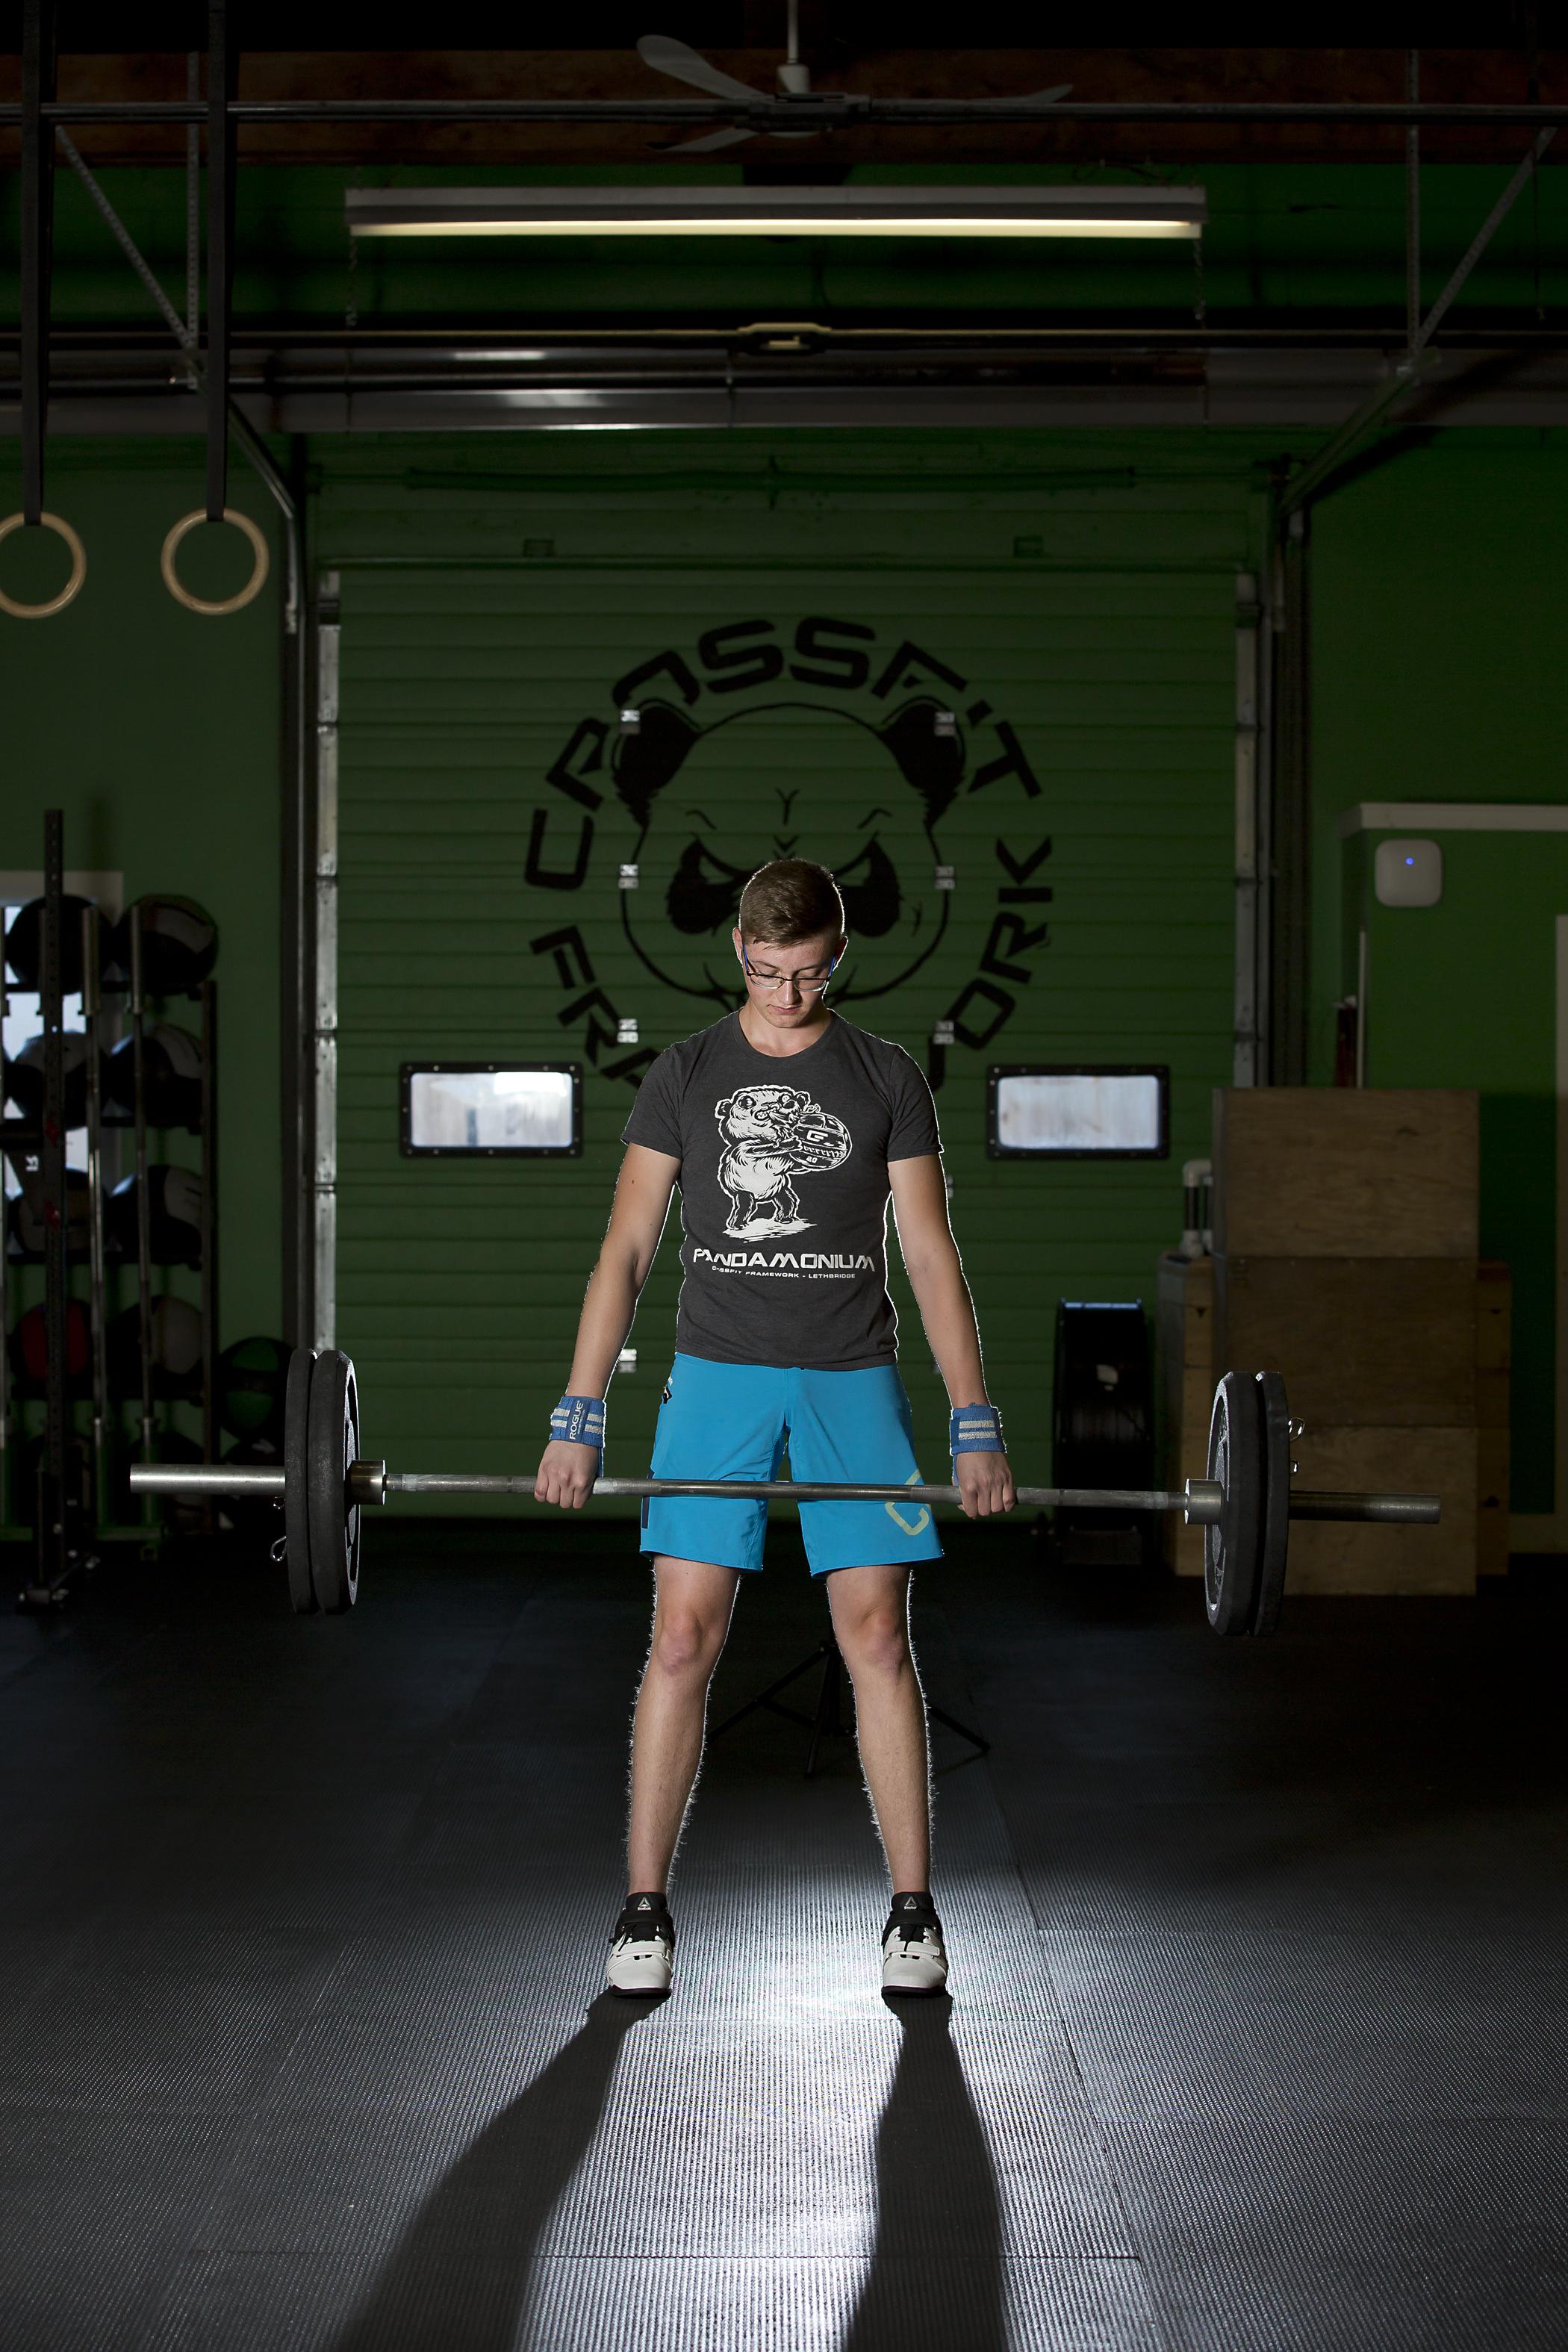 Crossfit_Grad_Senior_Athlete_Photo